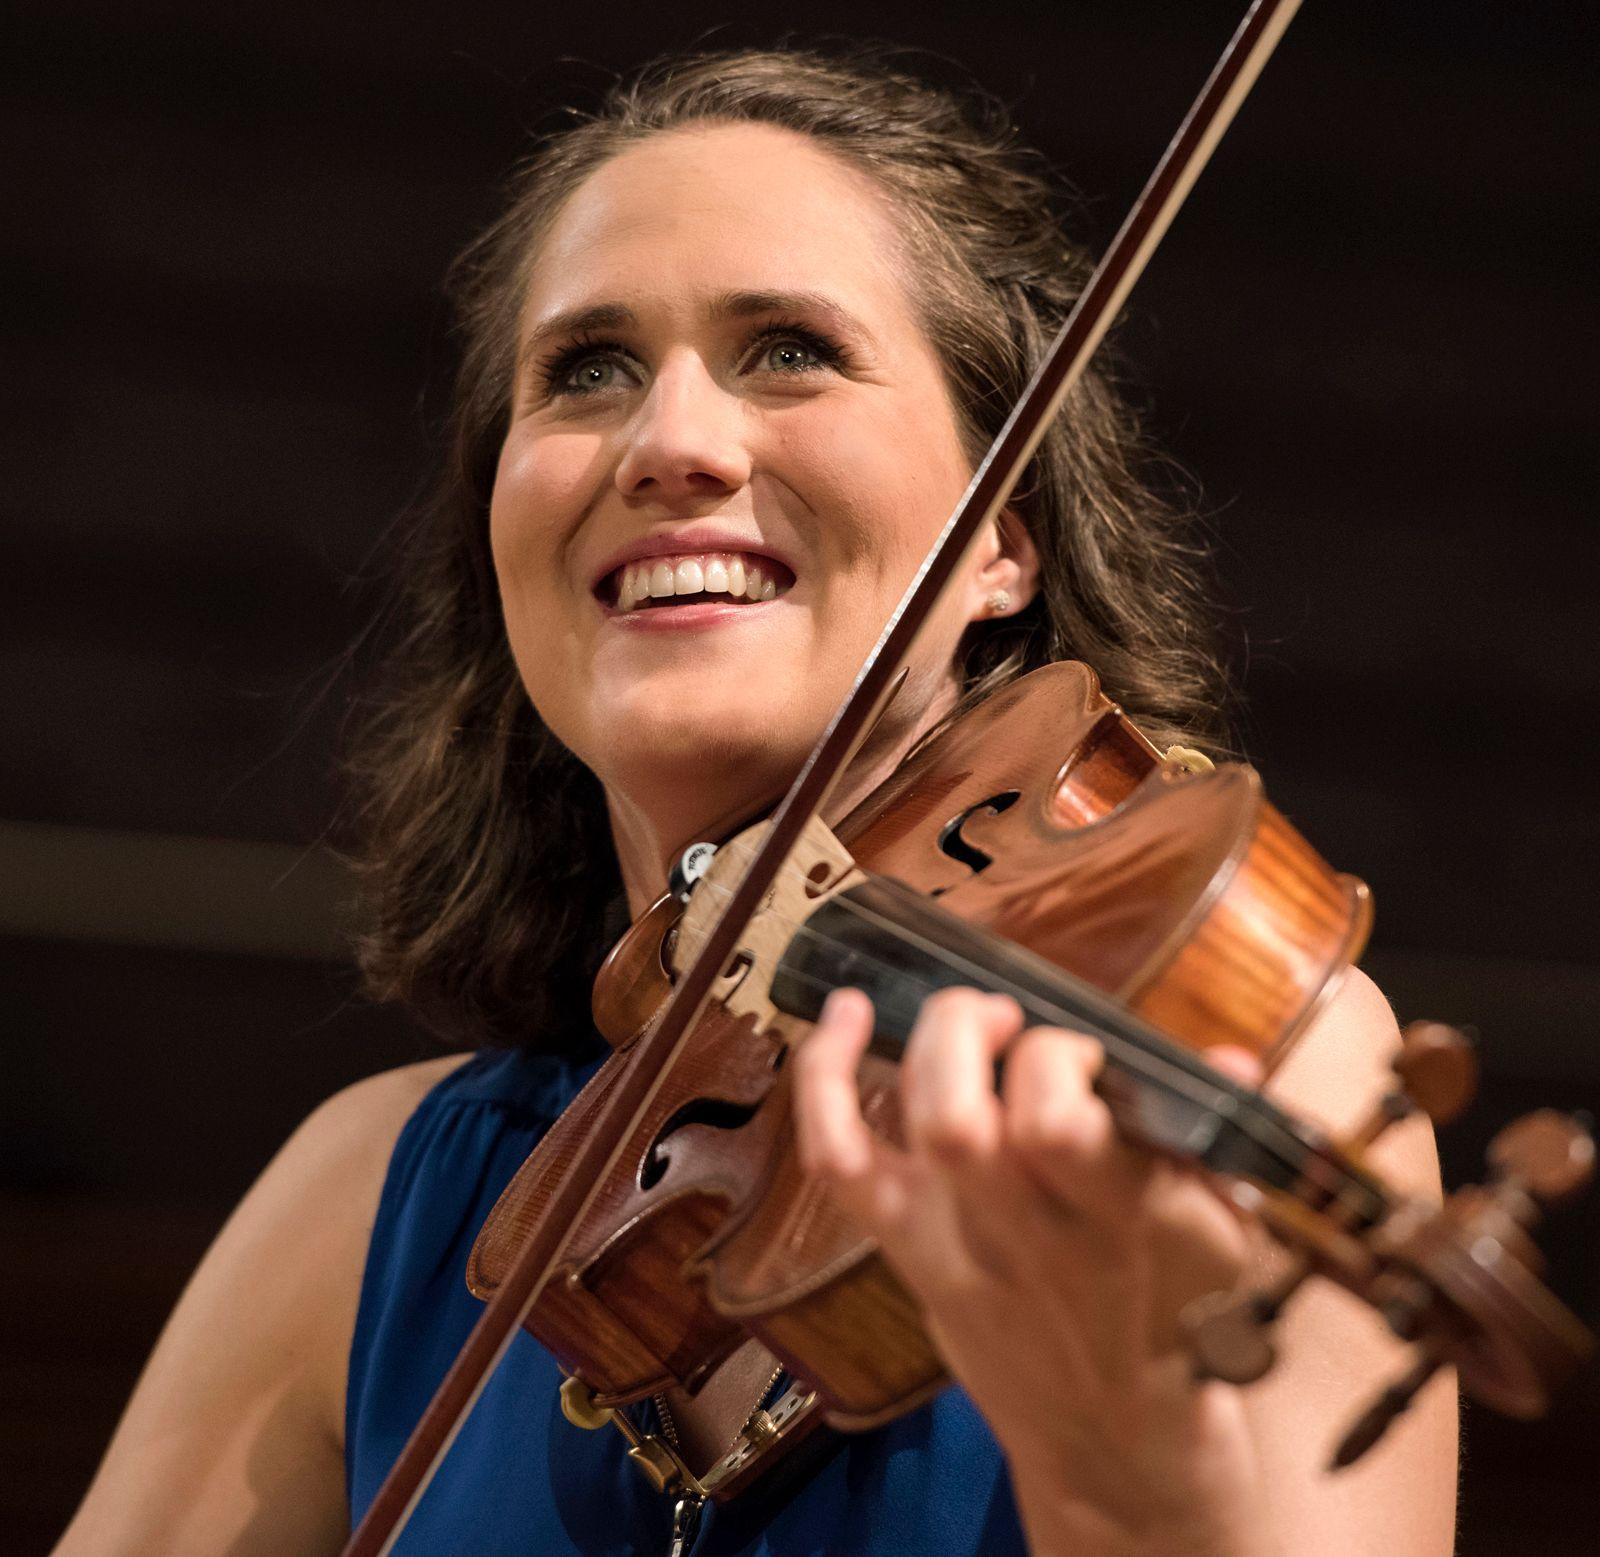 Stefanie Farrands